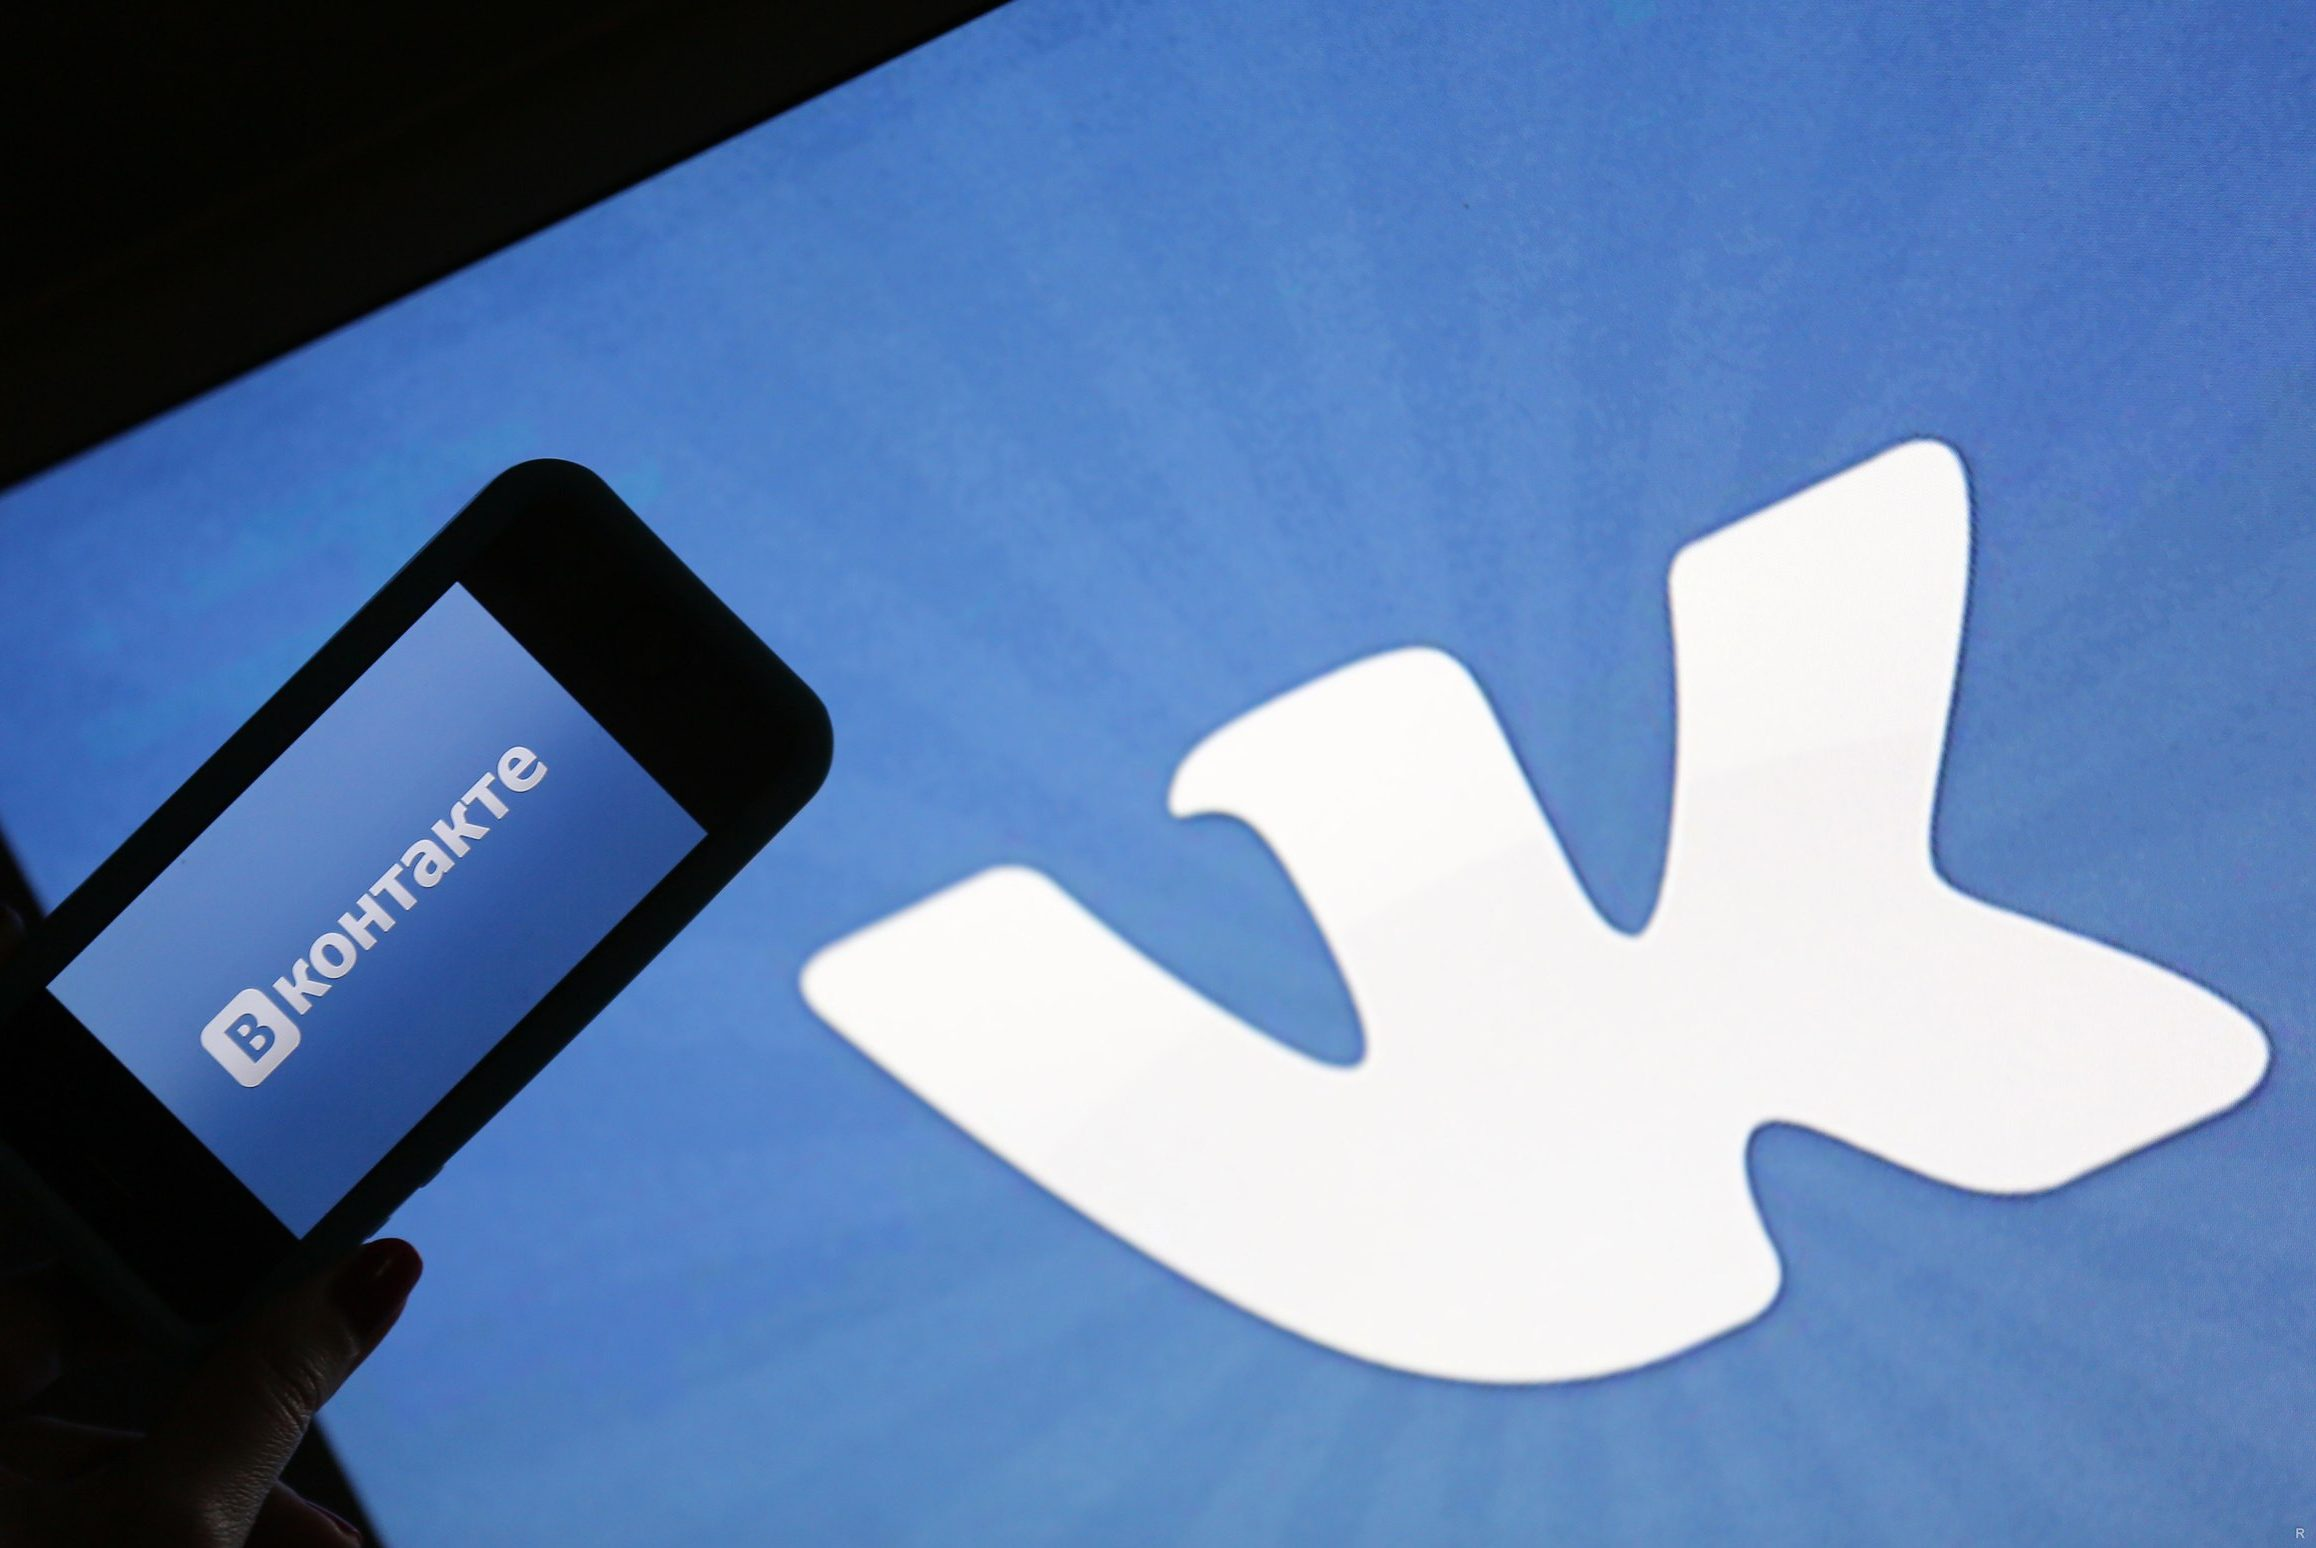 Иллюстрация на тему Скачать ВК 4.12: обзор старой версии ВКонтакте на Андроид